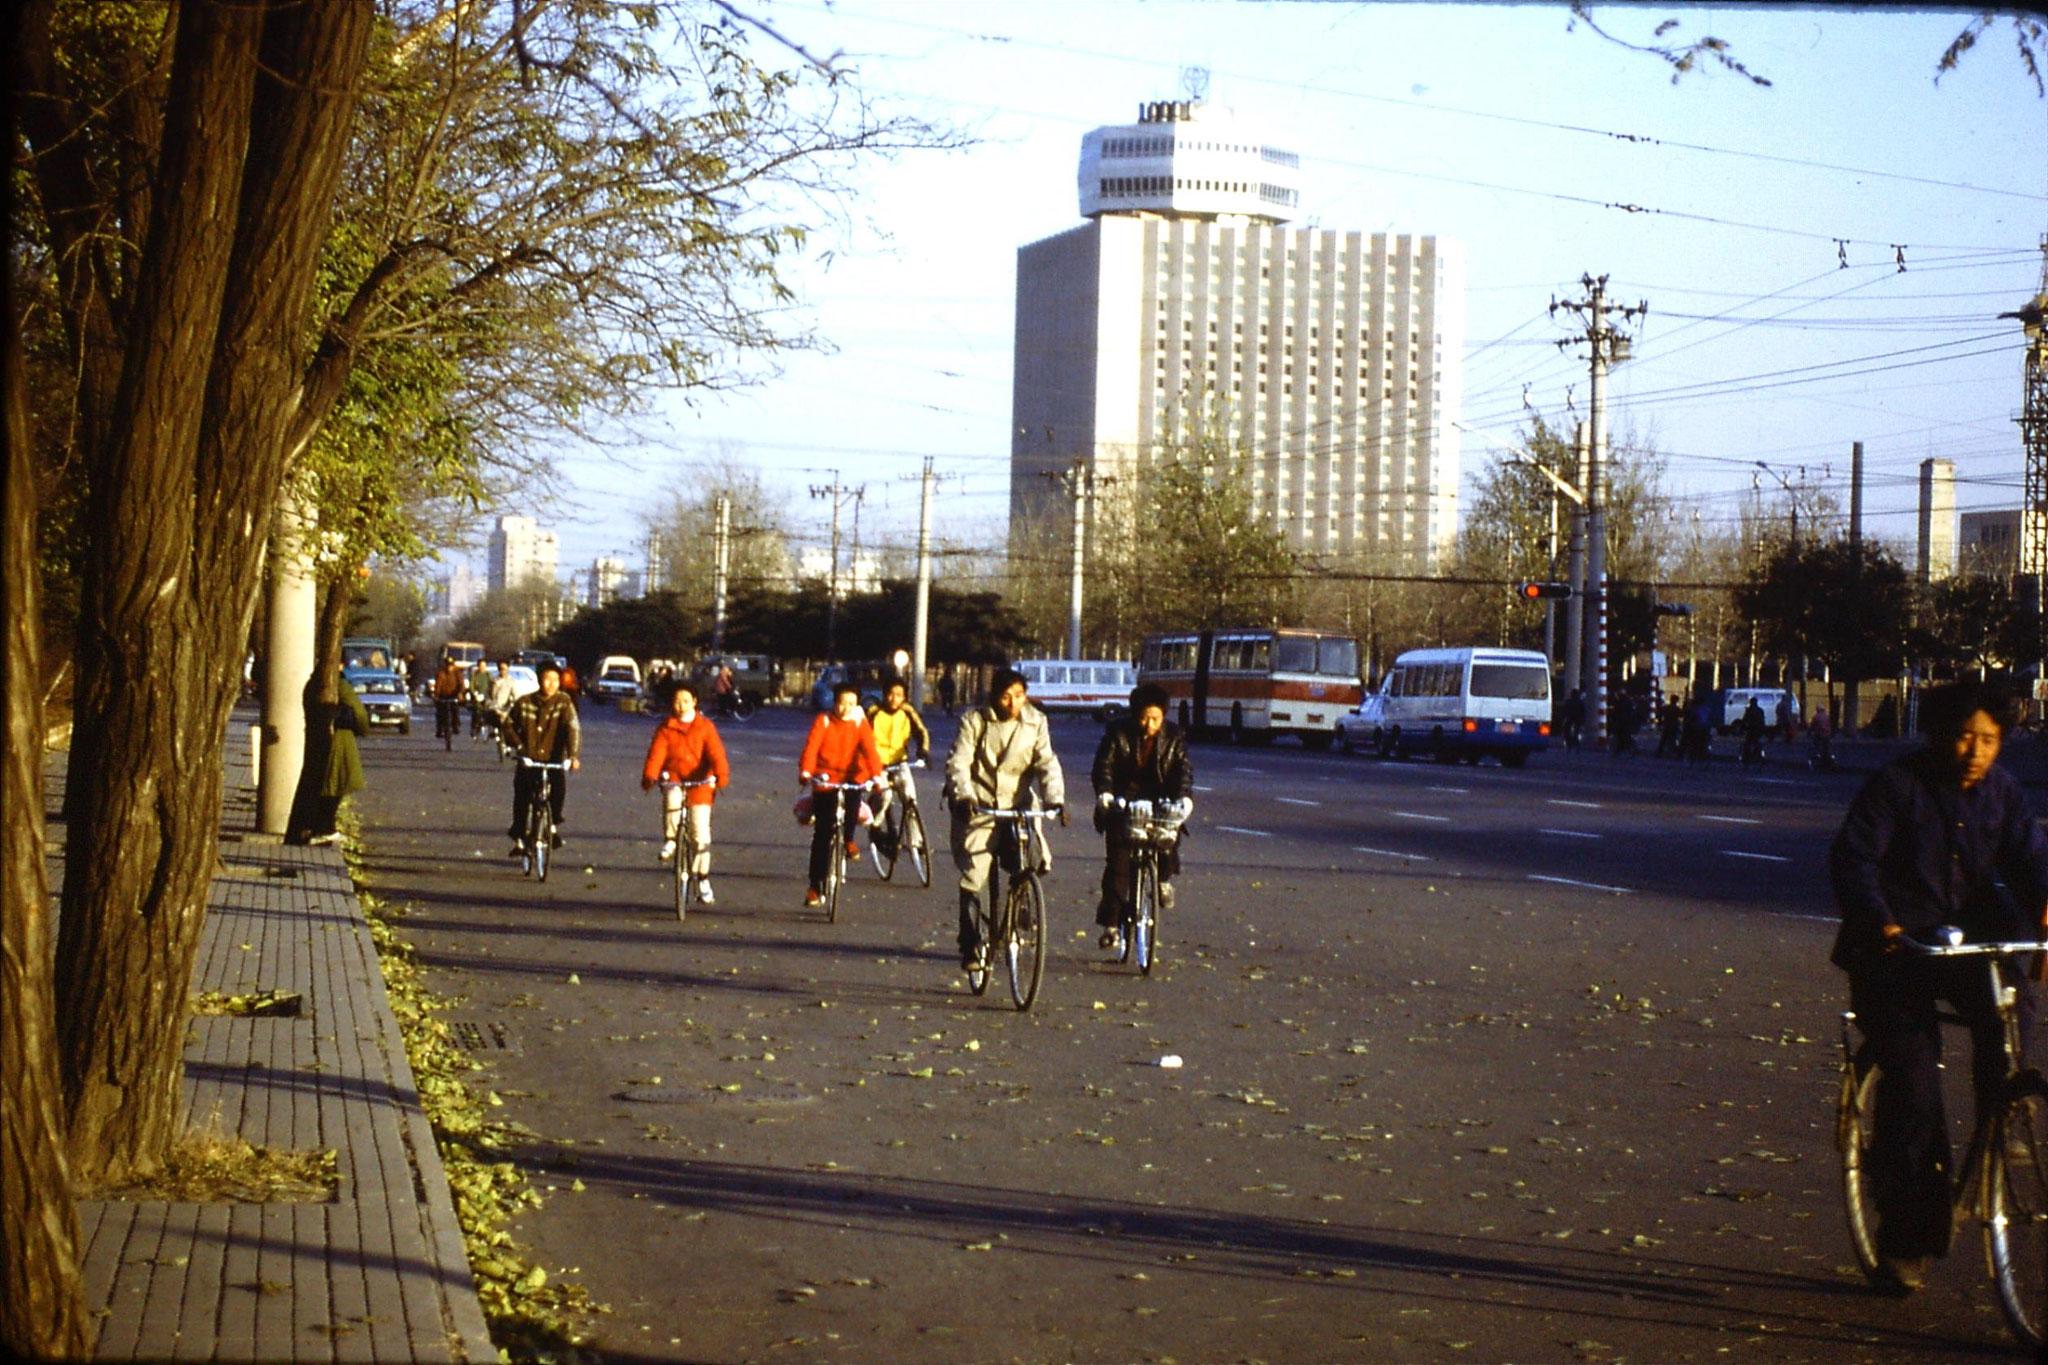 19/11/1988: 36: Beijing